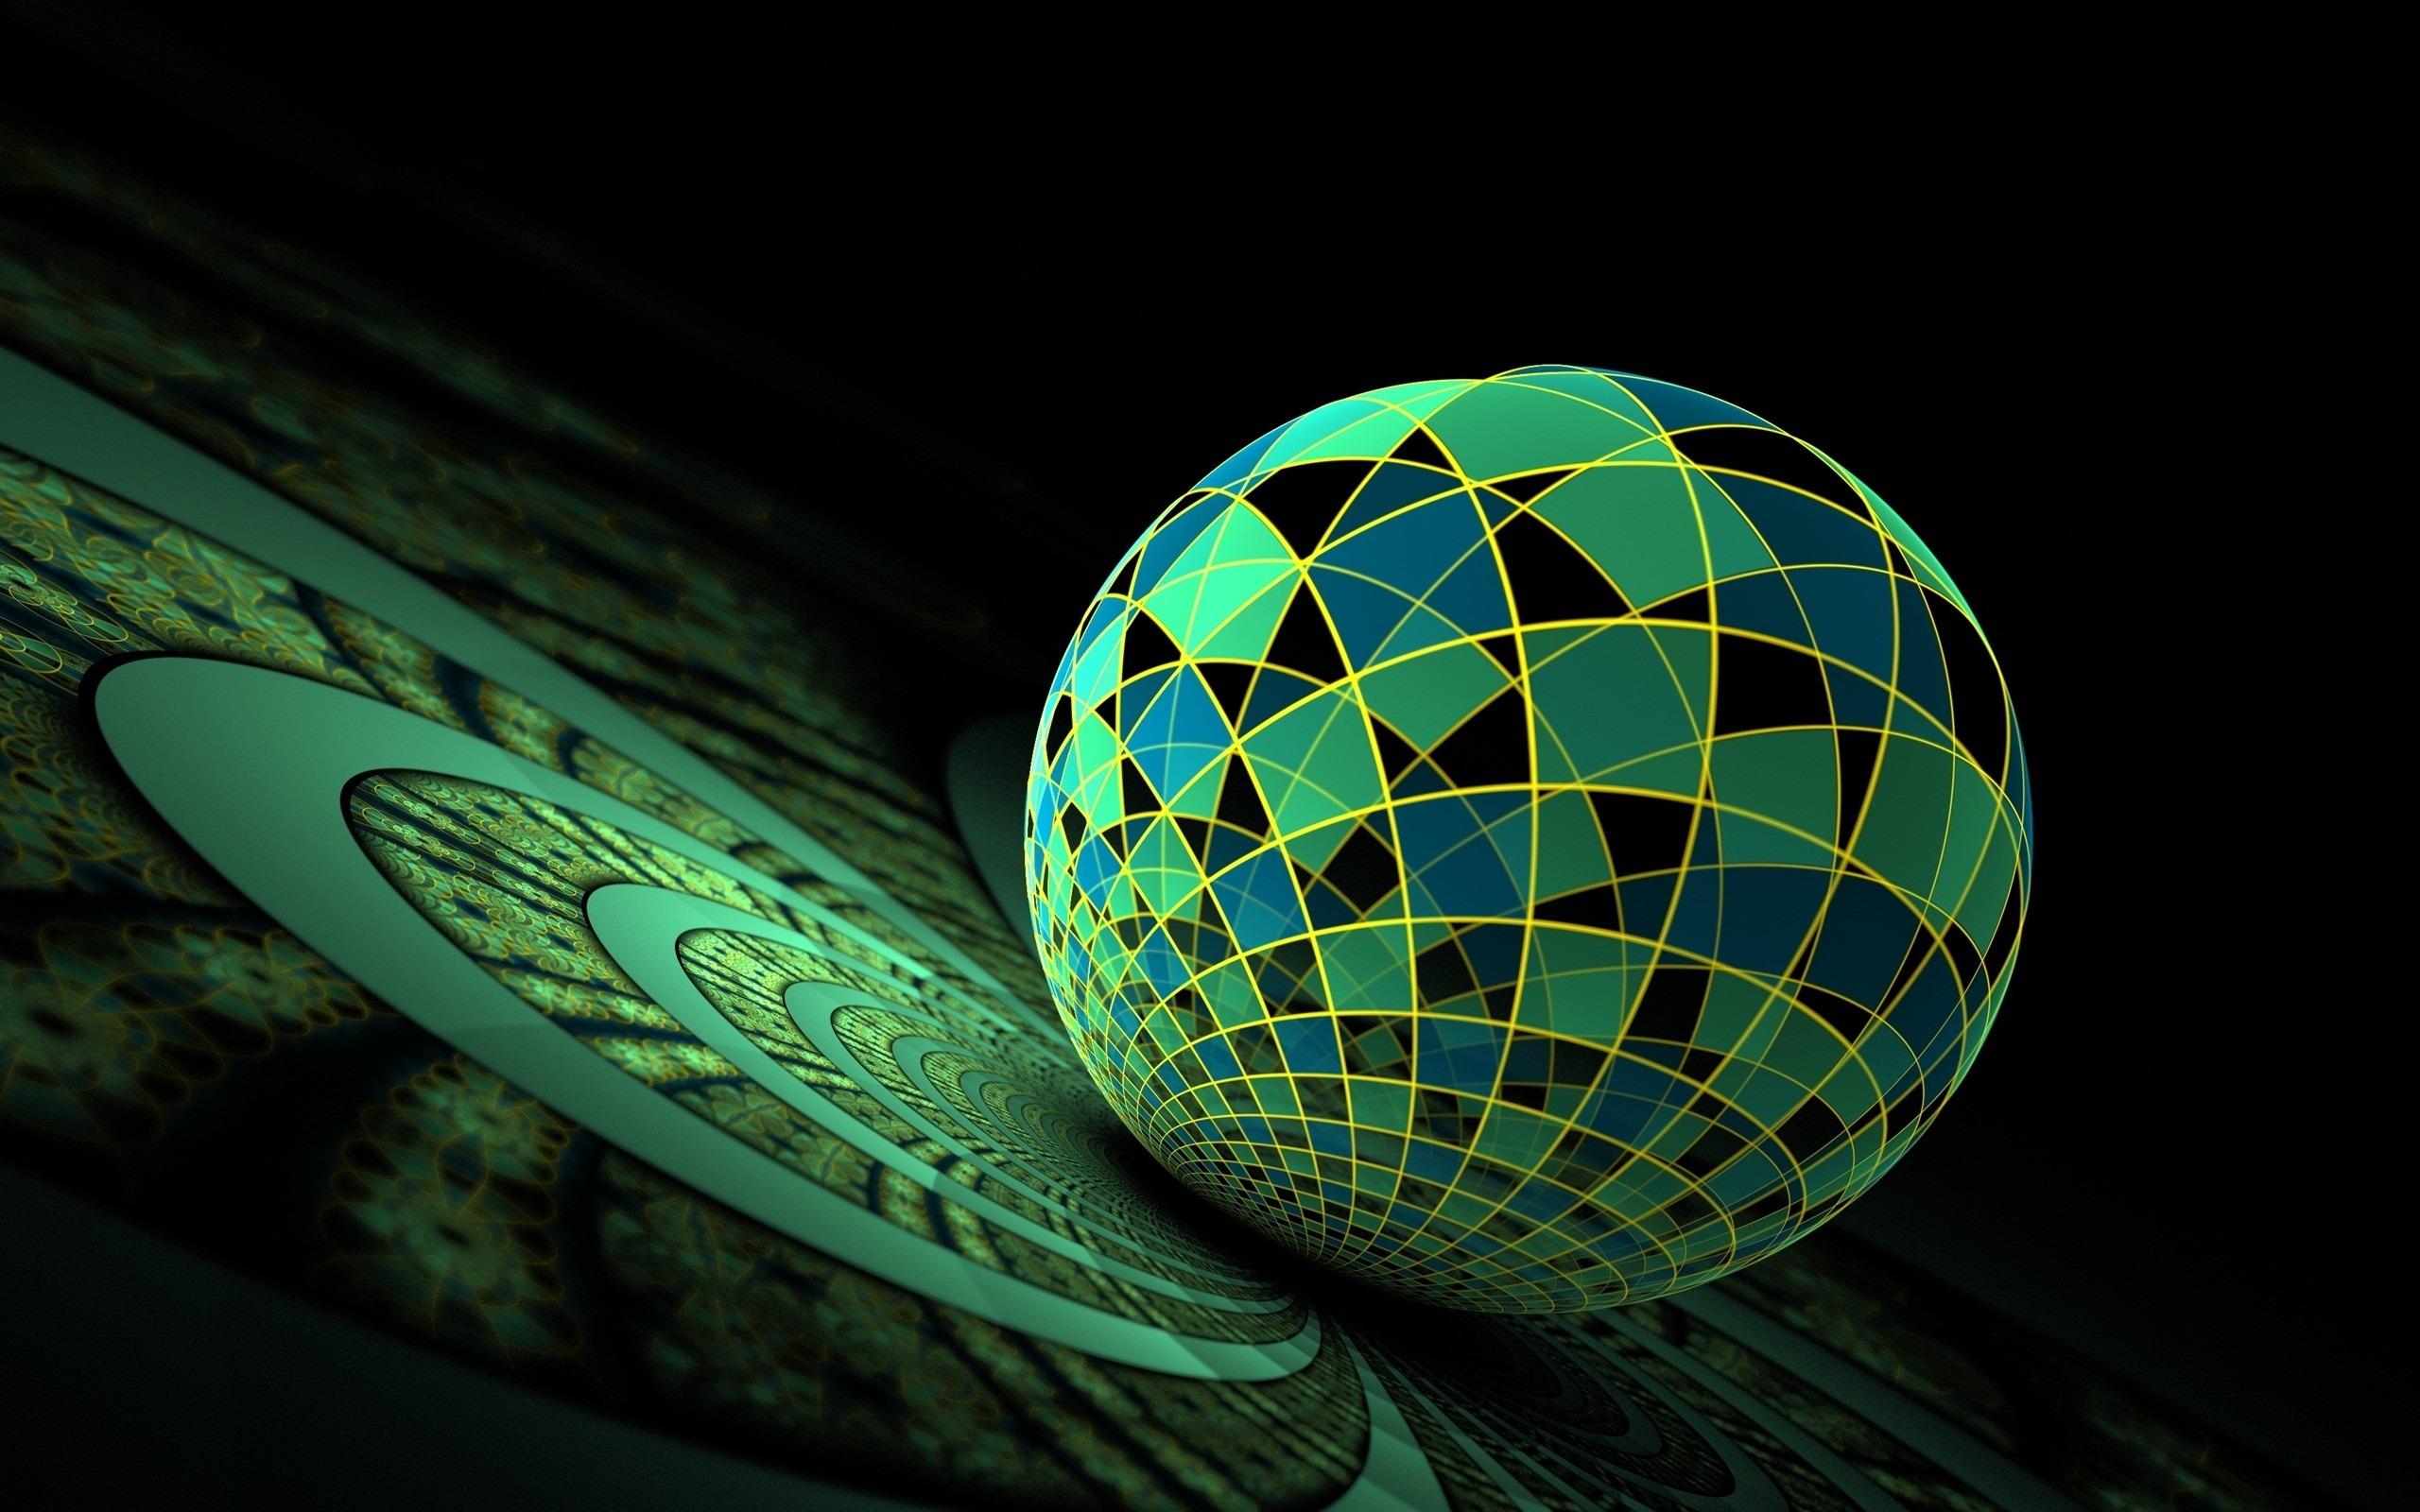 ボール表面の緑色 3dアートワークベクトルの壁紙プレビュー 10wallpaper Com